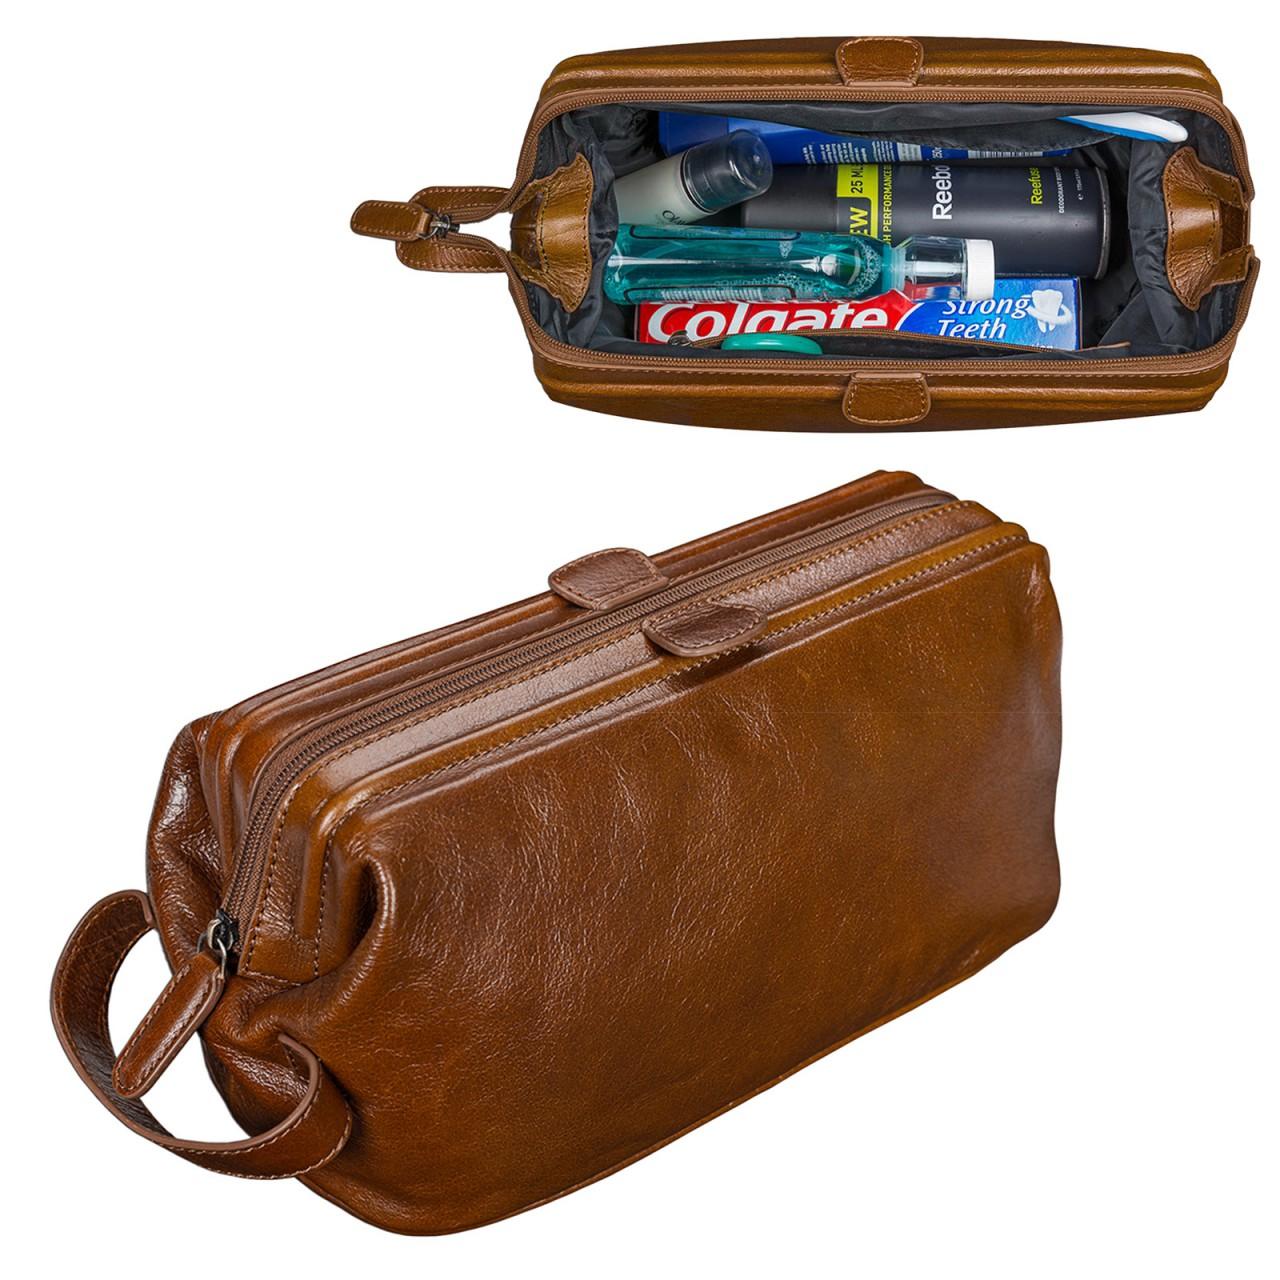 STILORD edler Kulturbeutel groß Kulturtasche mit Henkel Waschtasche für Reisen mit Fächern Vintage Echtleder cognac braun - Bild 2